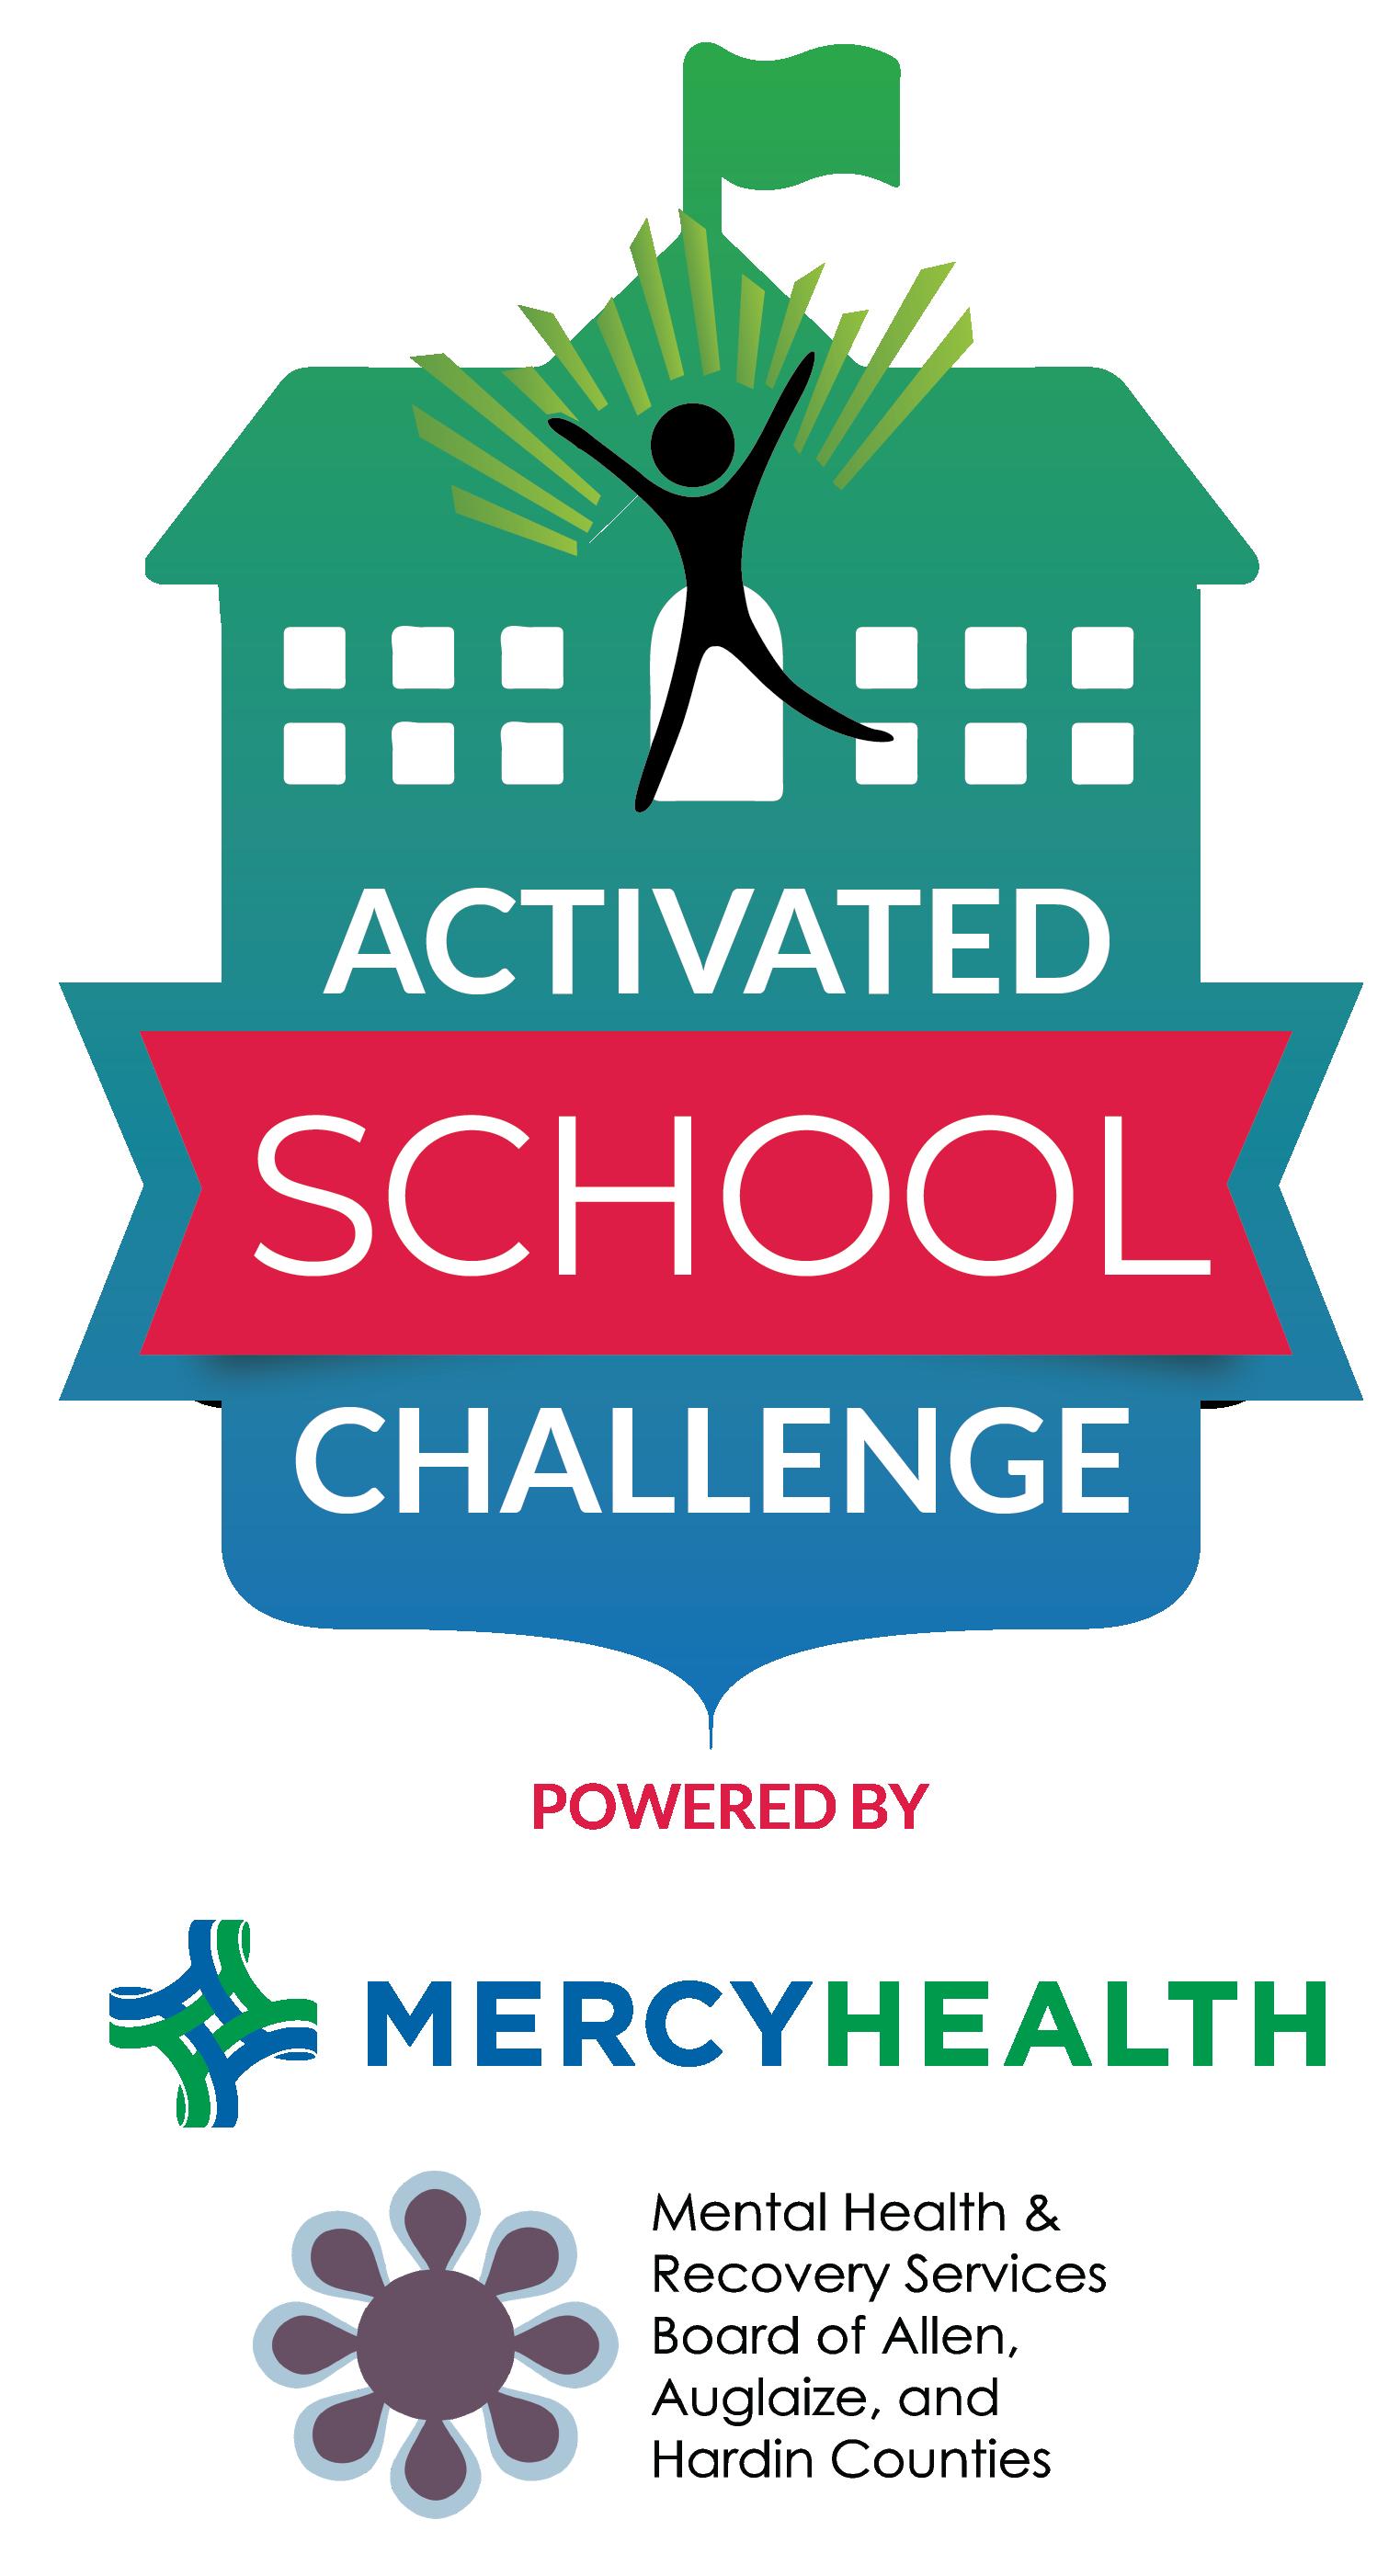 Activated School Challenge